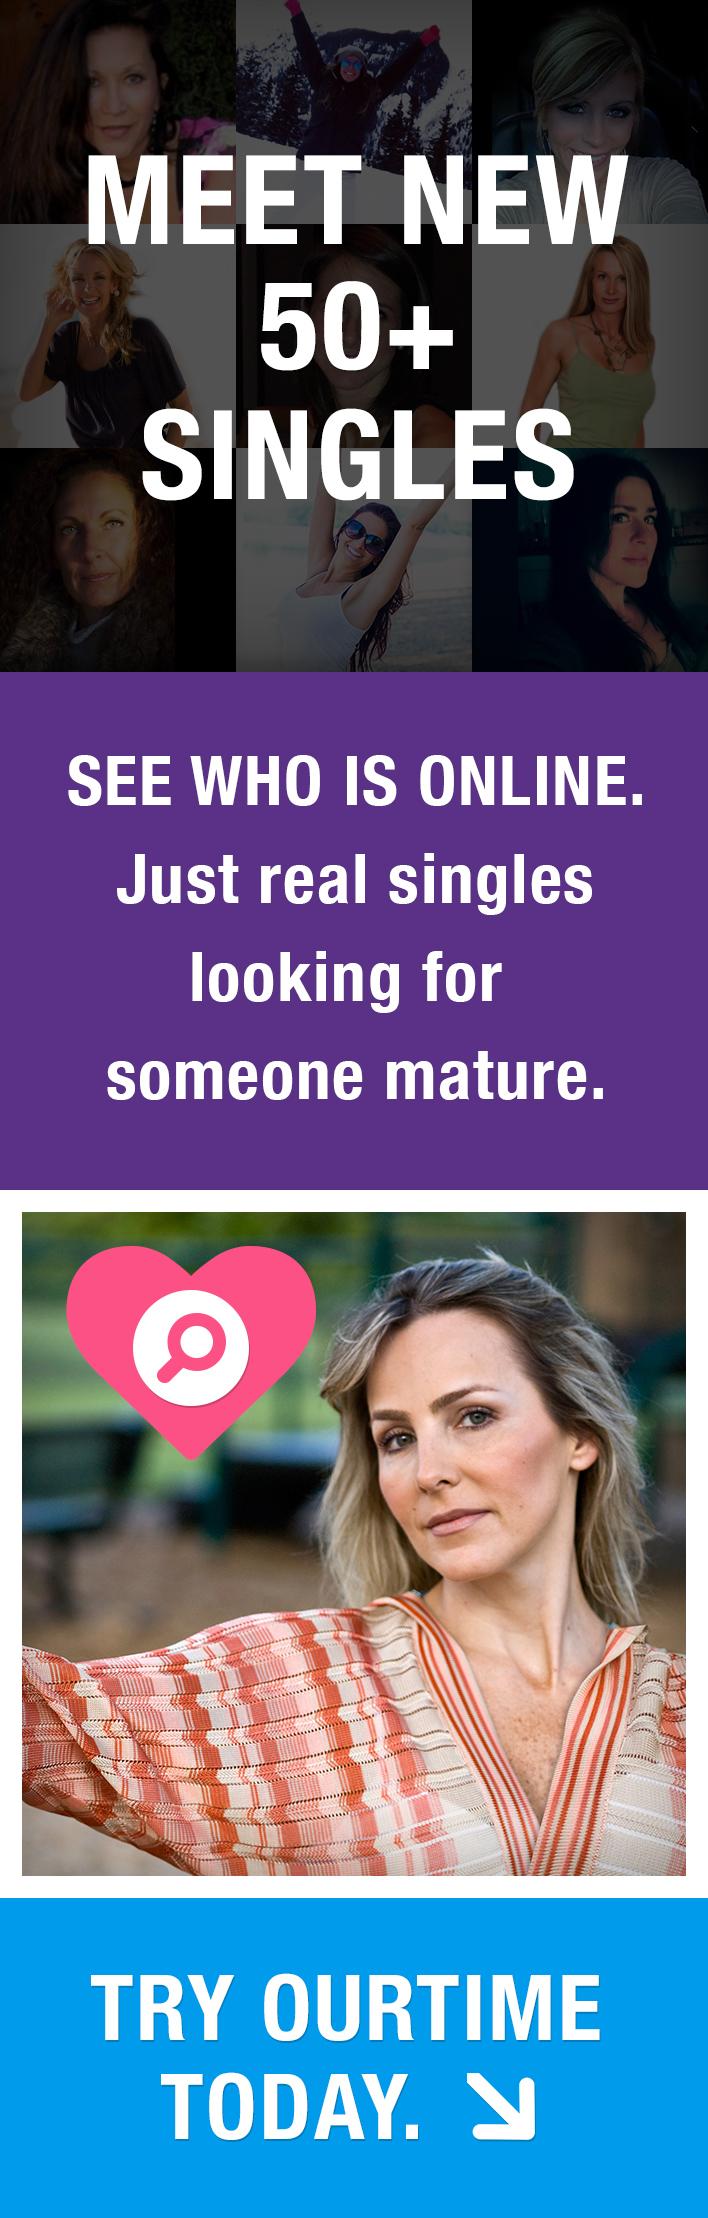 Single women in the area